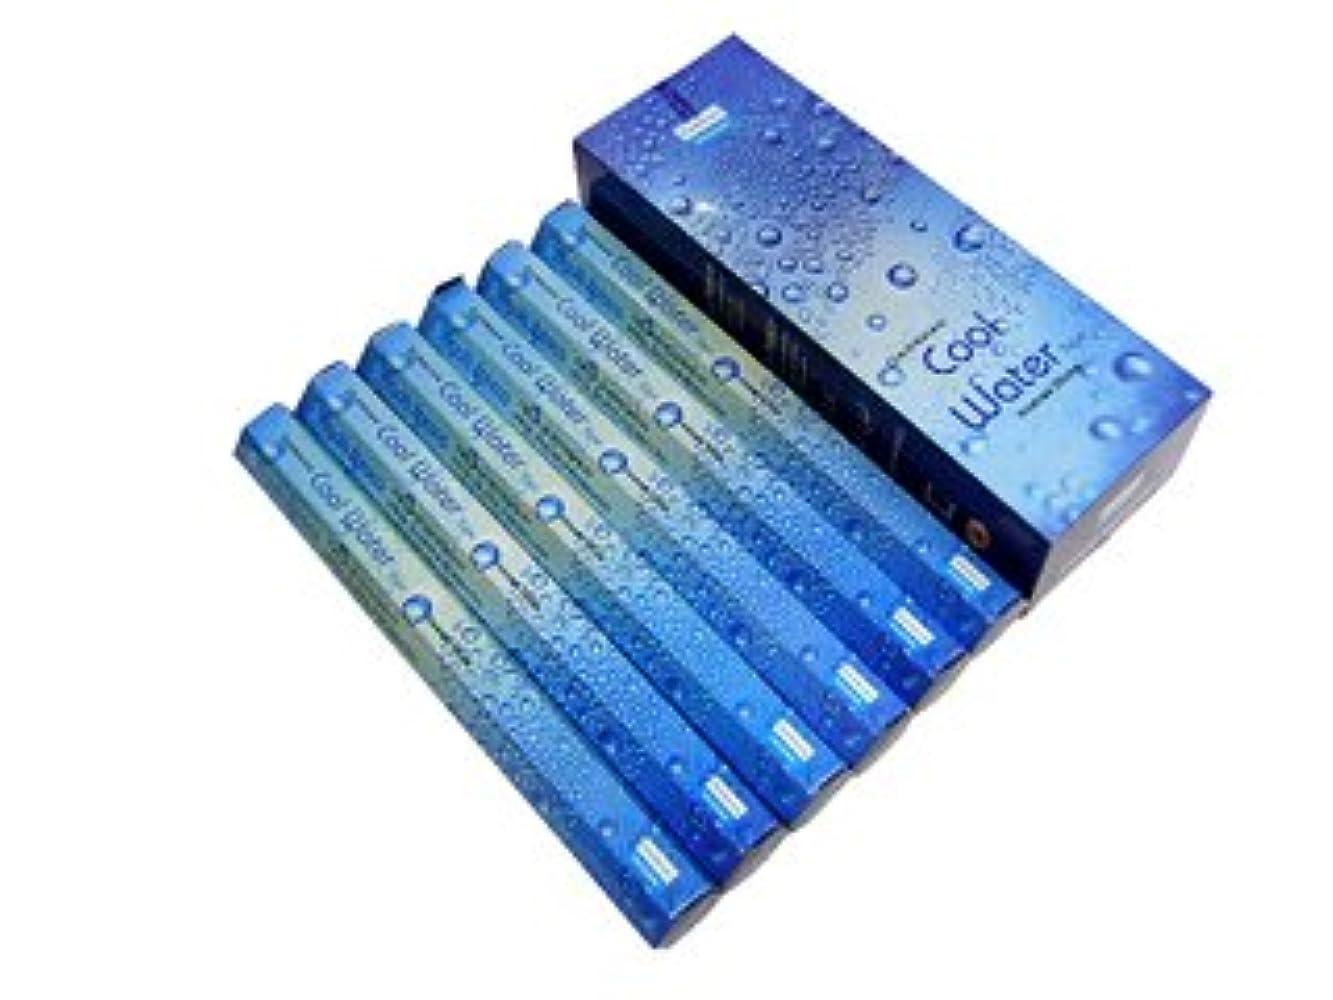 ビルダー化粧インペリアルDARSHAN(ダルシャン) クールウォーター香 スティック COOL WATER 6箱セット